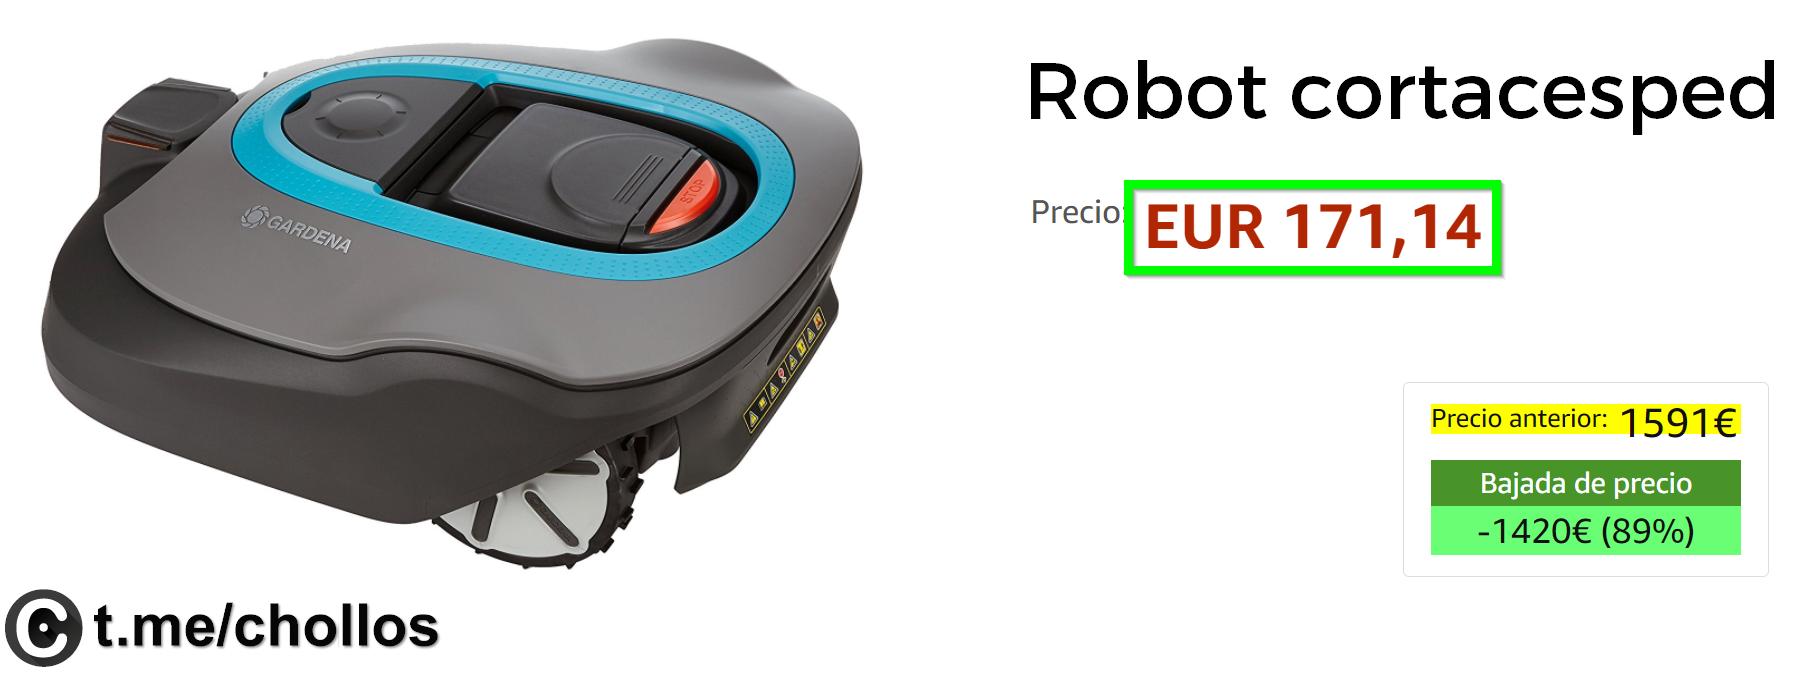 hogar electronica-y-gadgets Robot cortacésped disponible por sólo 171€